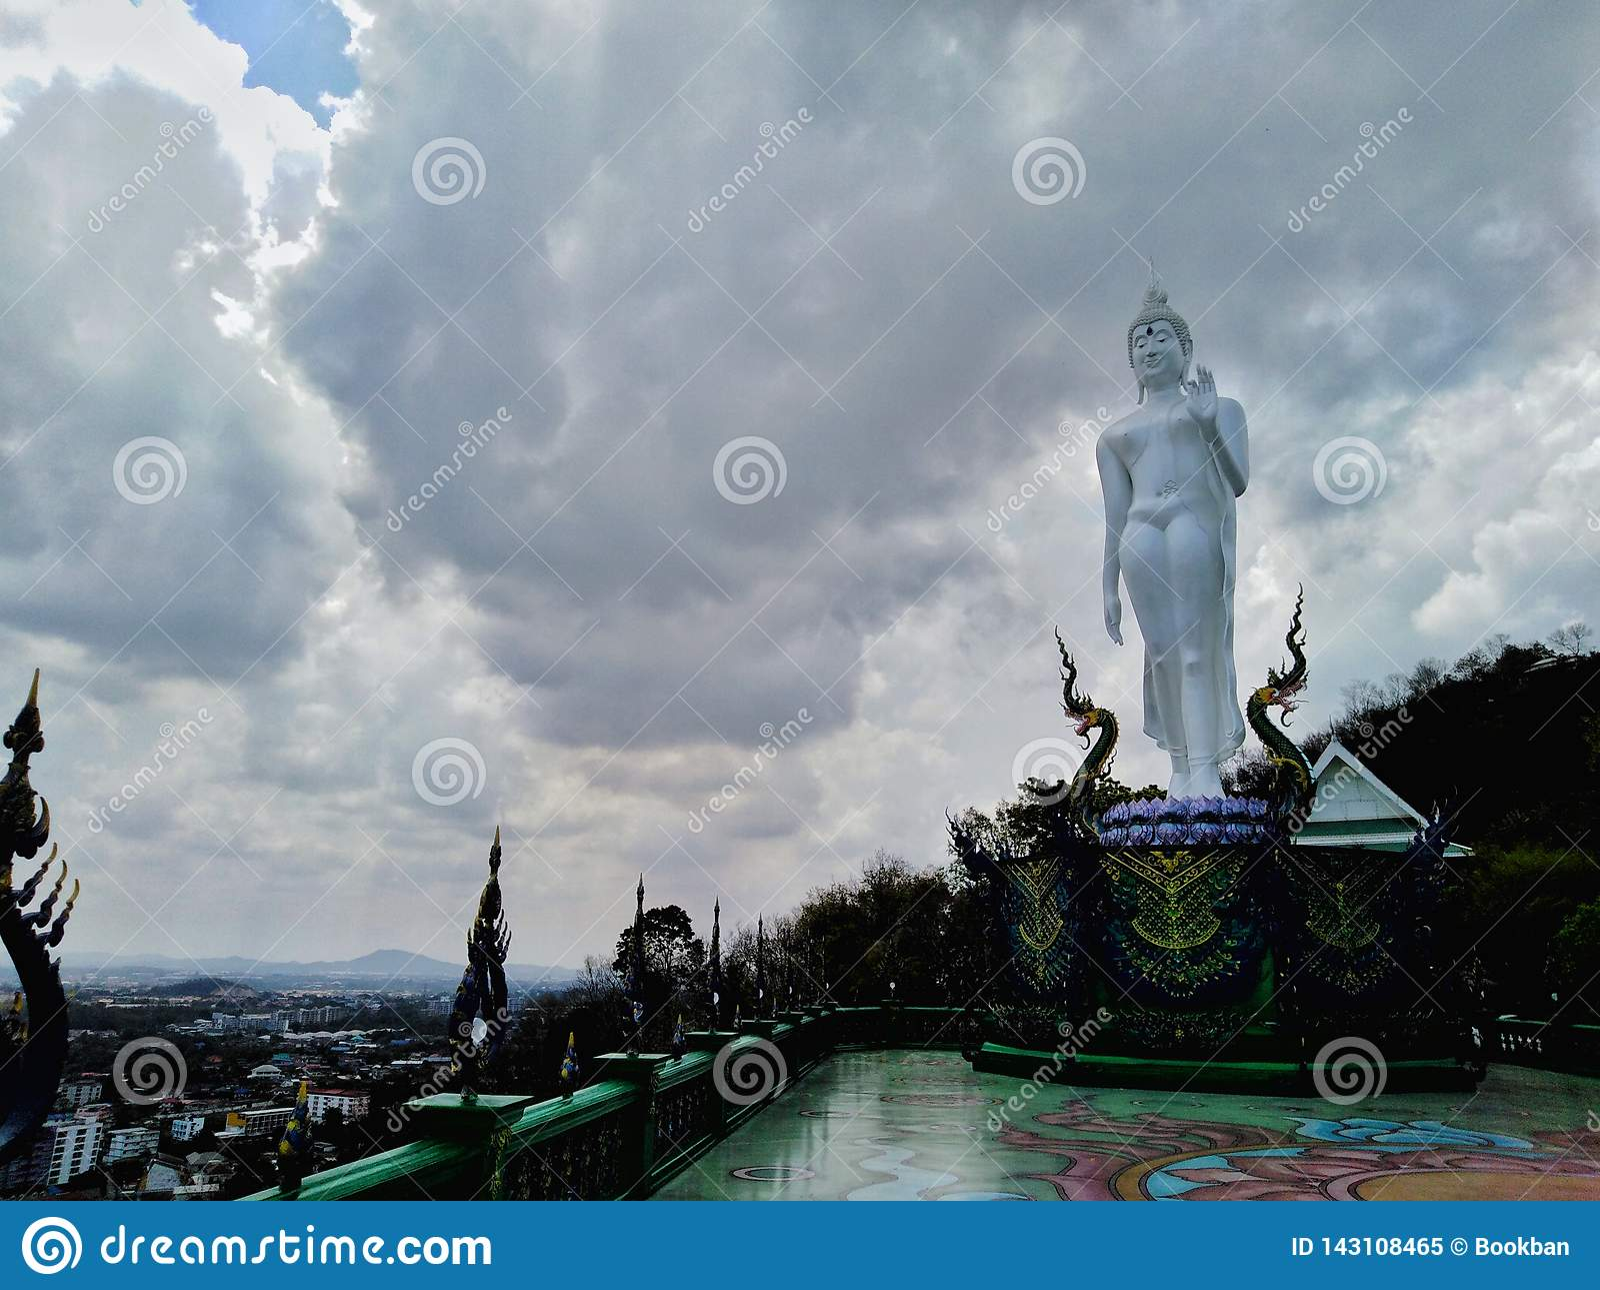 Buddha-Bild des heiligen Rechtes im Tempel von Thailand